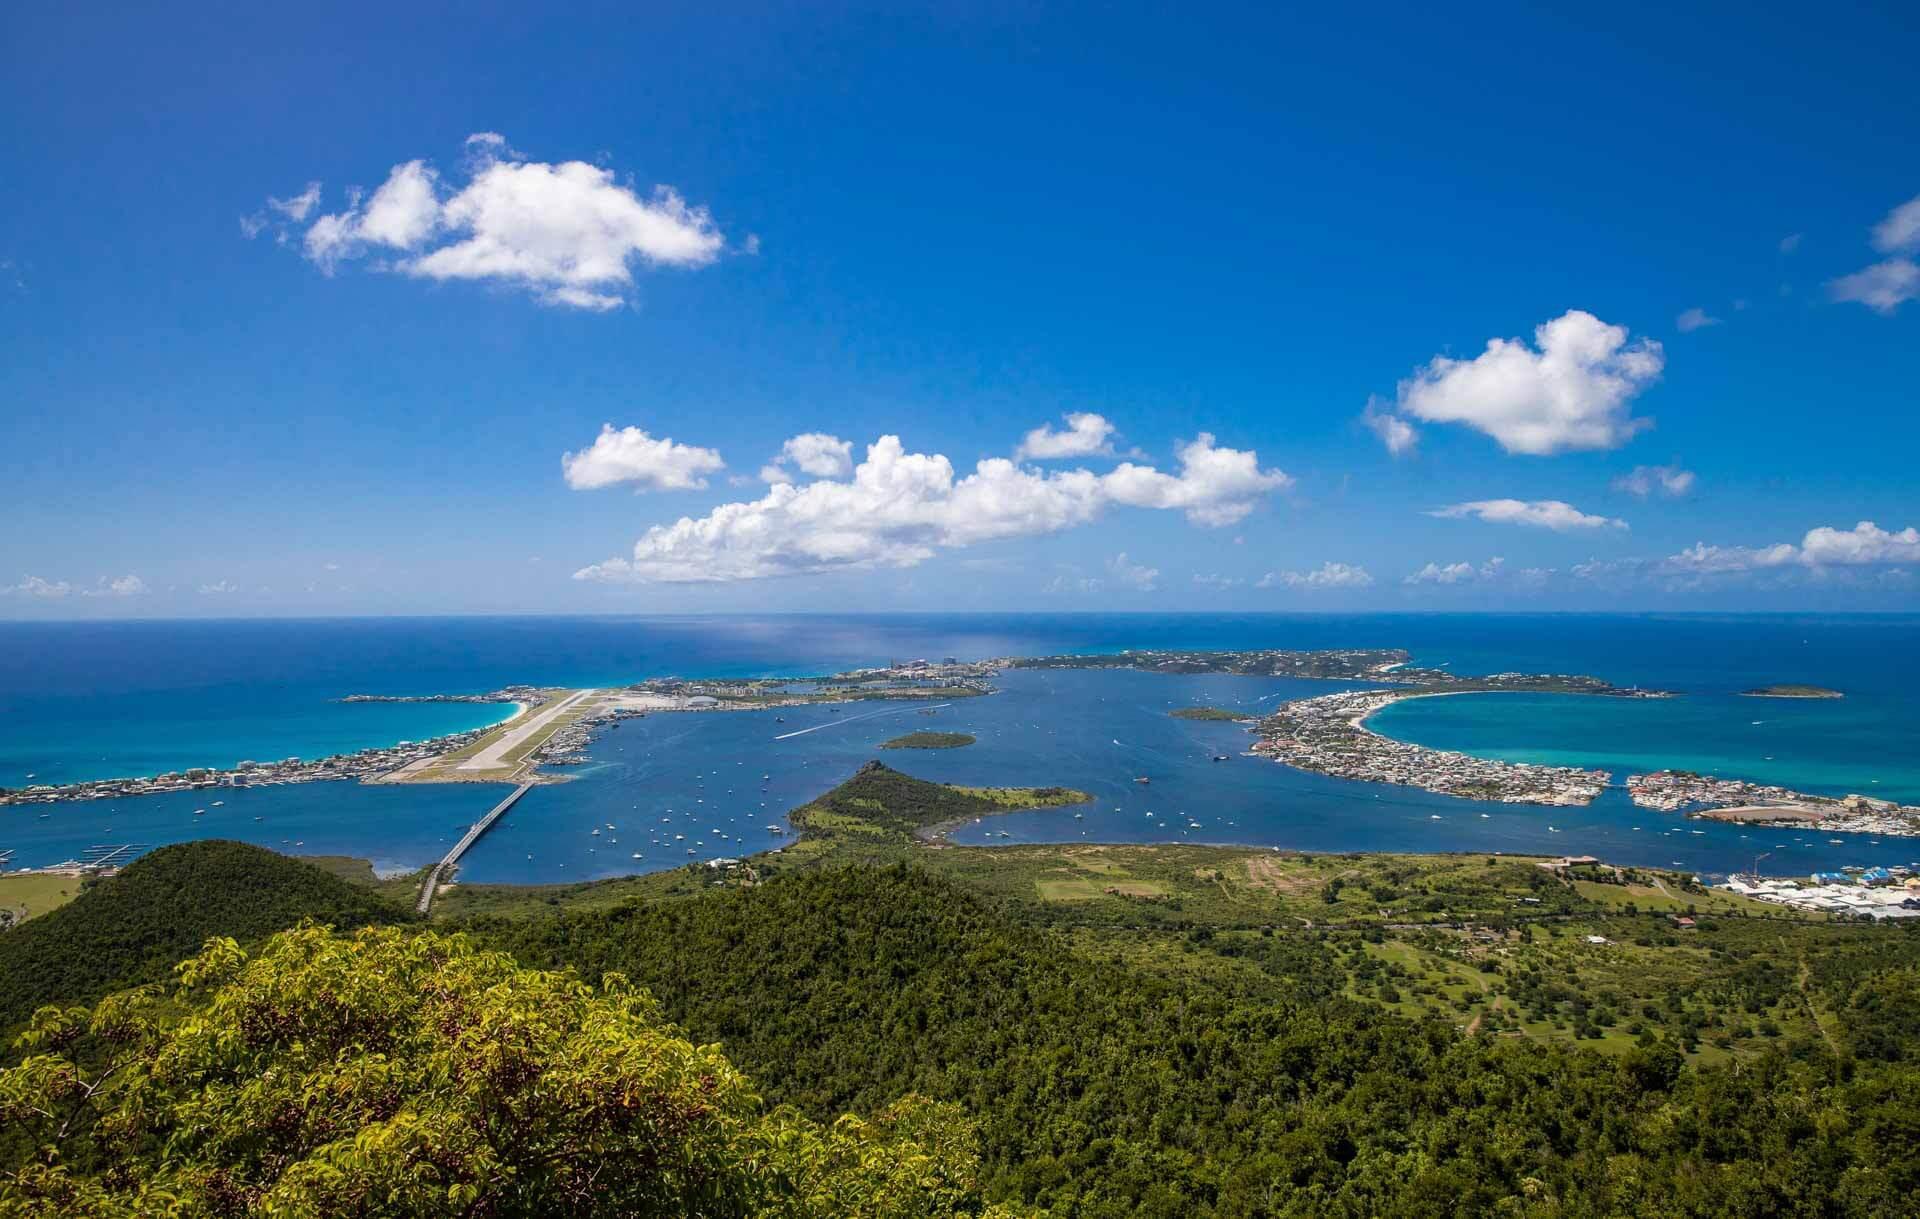 Depuis les sommets de l'île, la vue sur la lagune est imprenable © Donovane Tremor